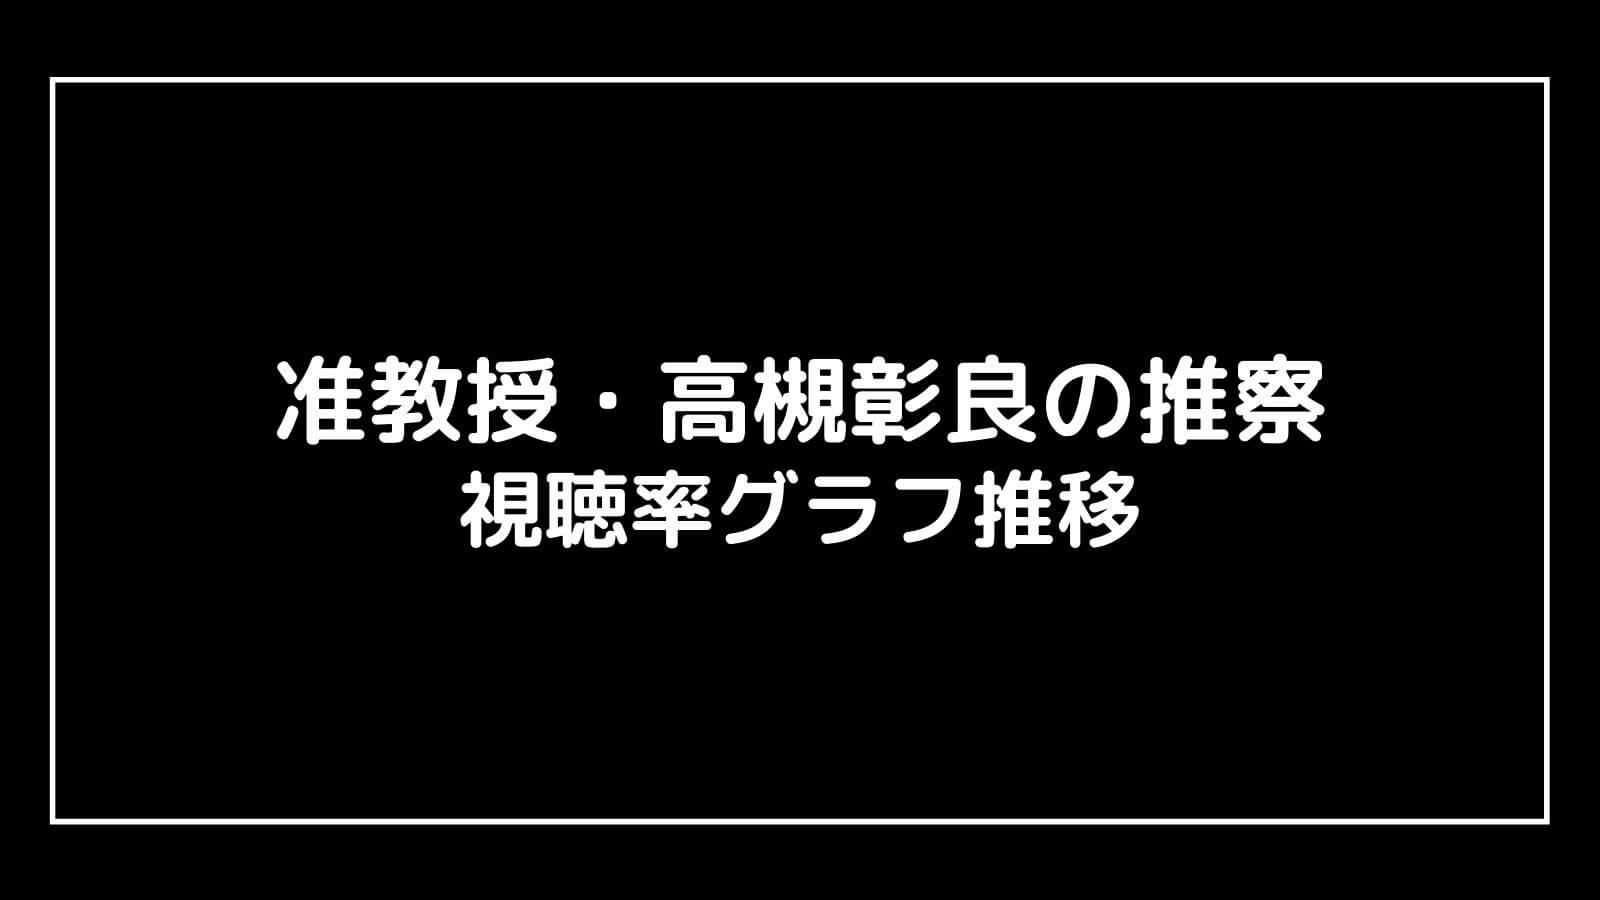 『准教授・高槻彰良の推察』現在の視聴率速報と最終回までのグラフ推移